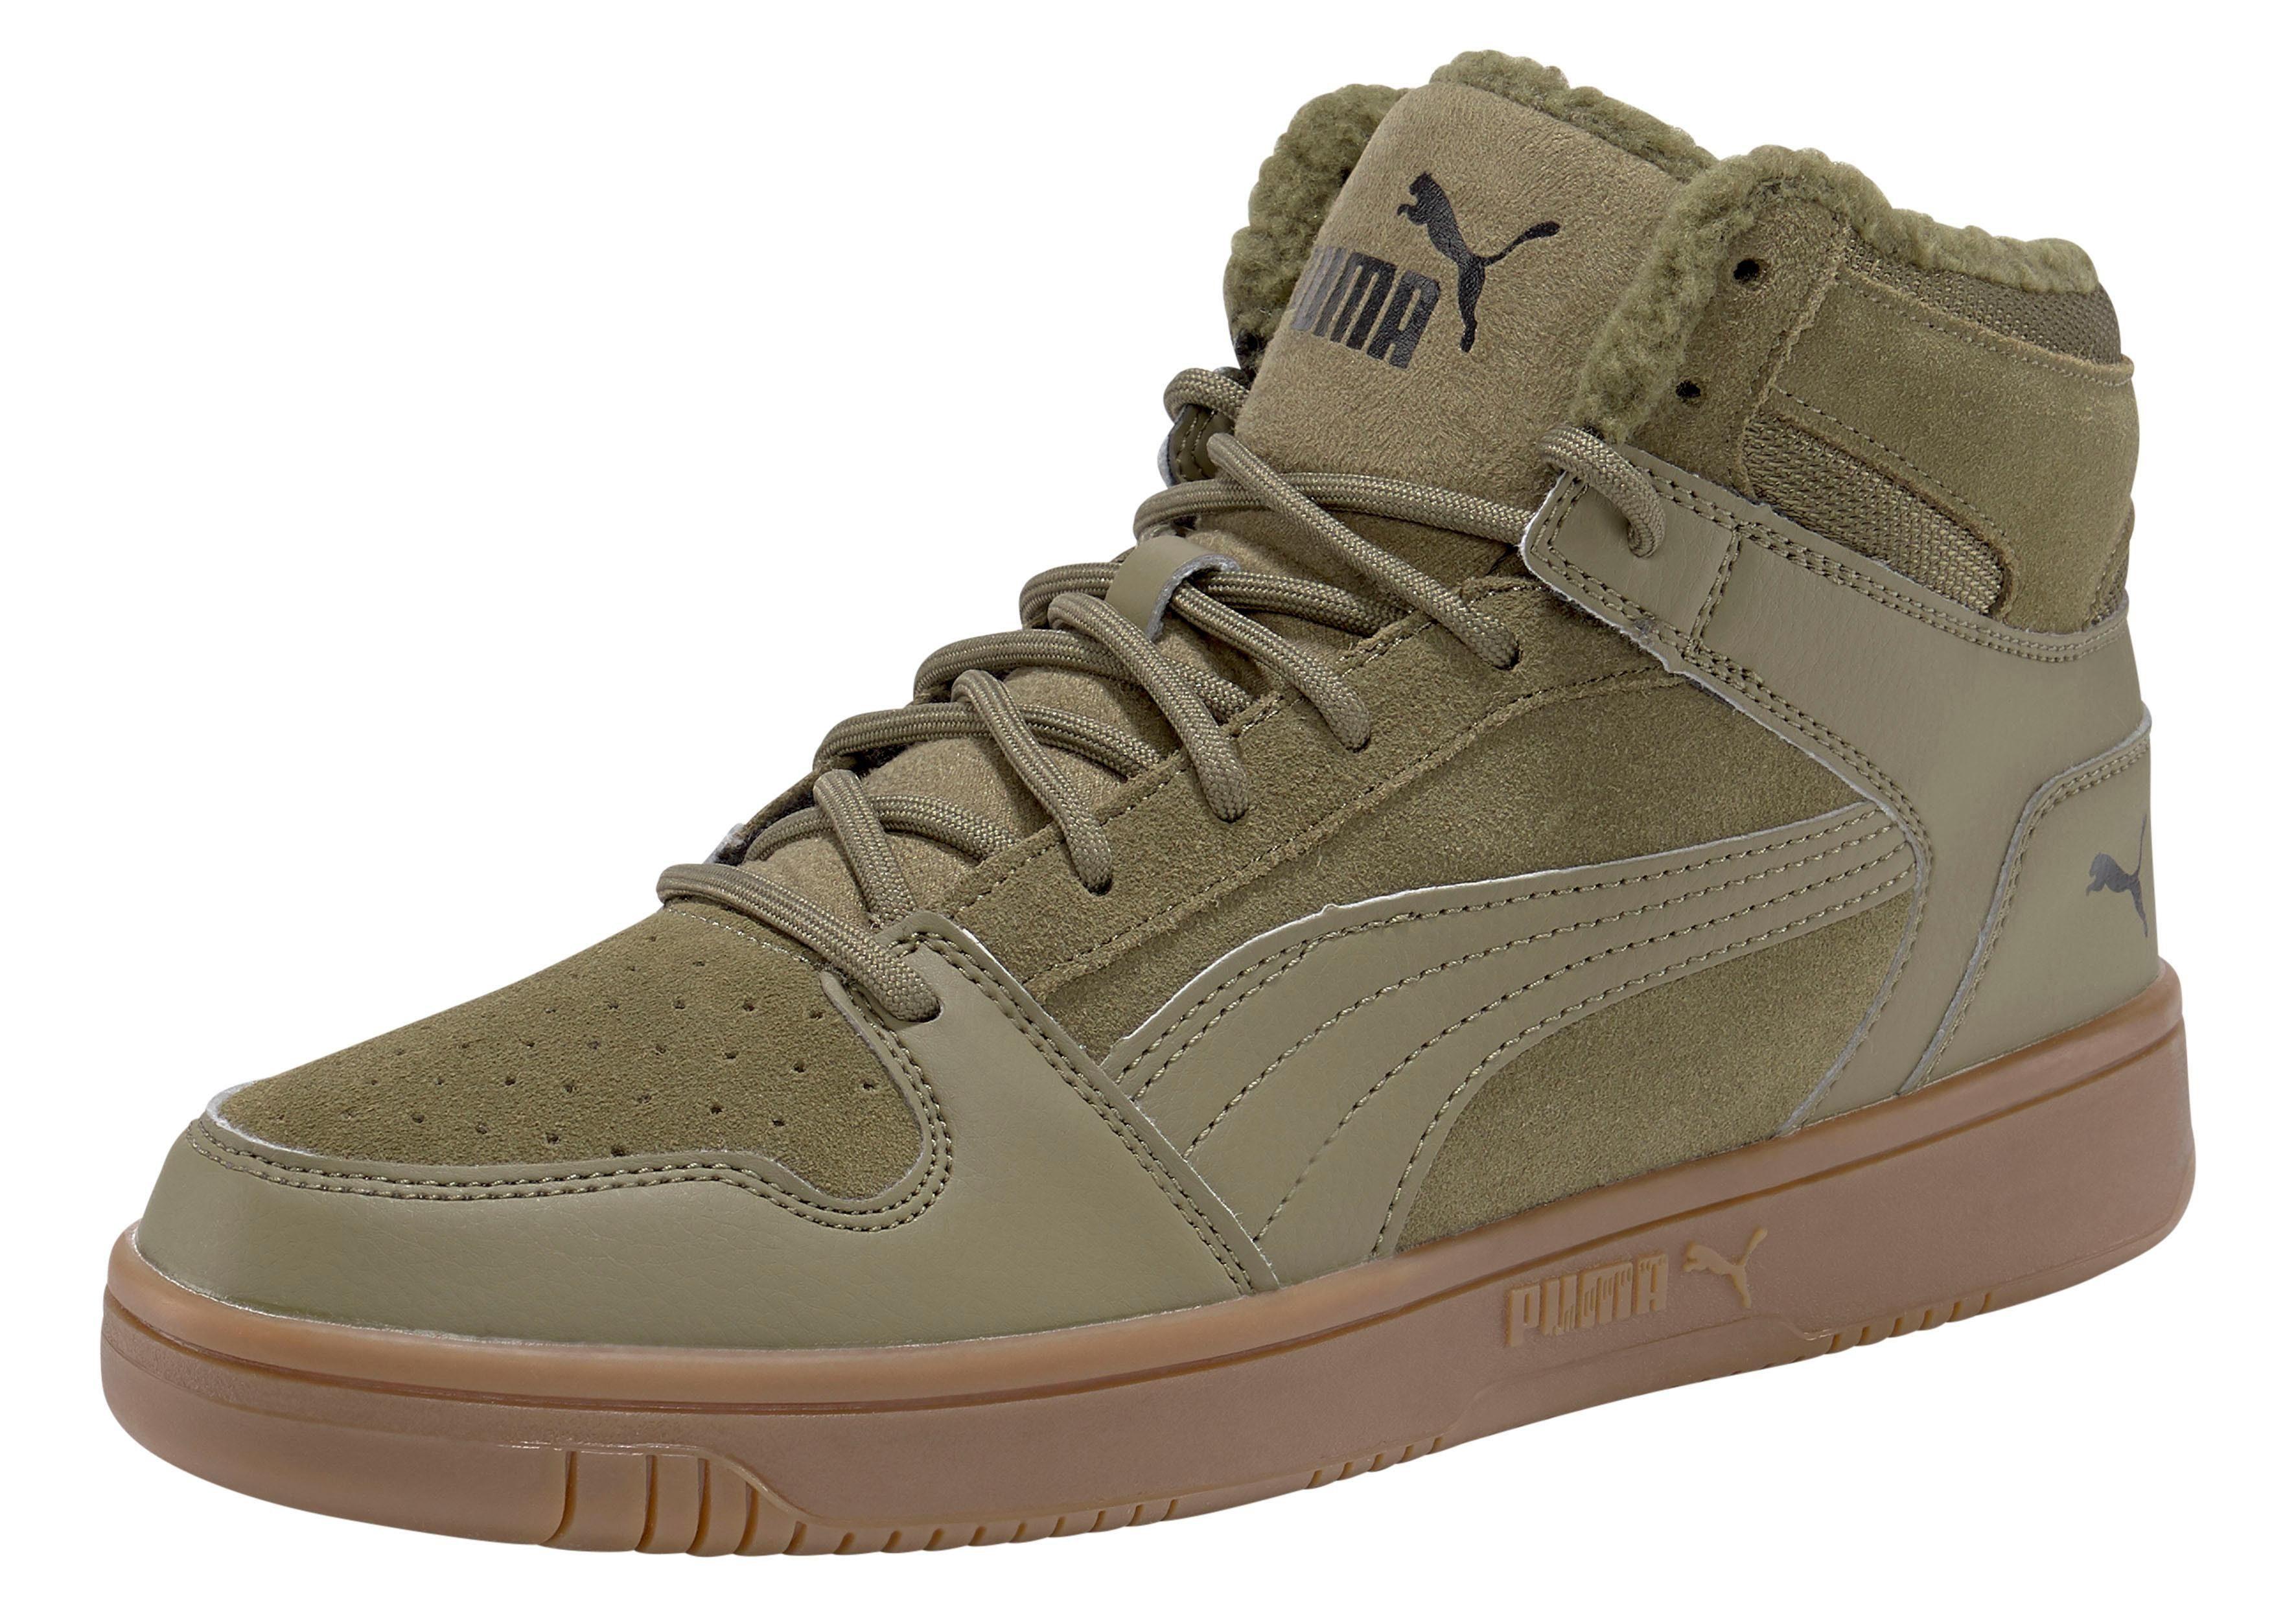 PUMA »Puma Rebound LayUp SD Fur« Sneaker, Knöchelhoher Sneaker von PUMA online kaufen | OTTO